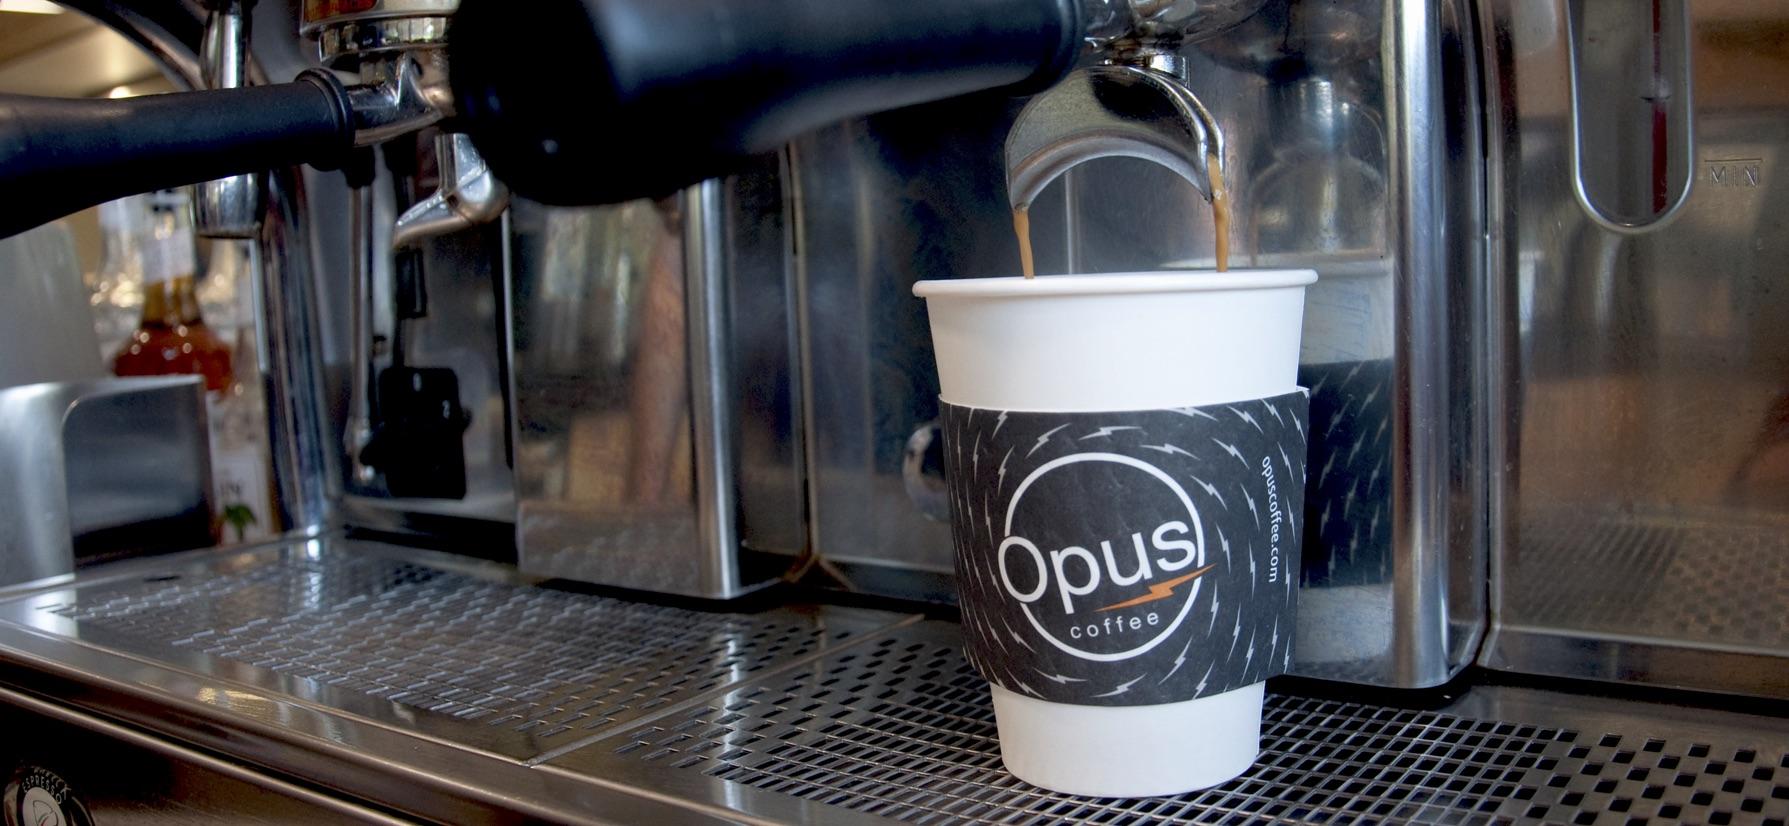 home-espresso-pour-opuscoffee.jpg